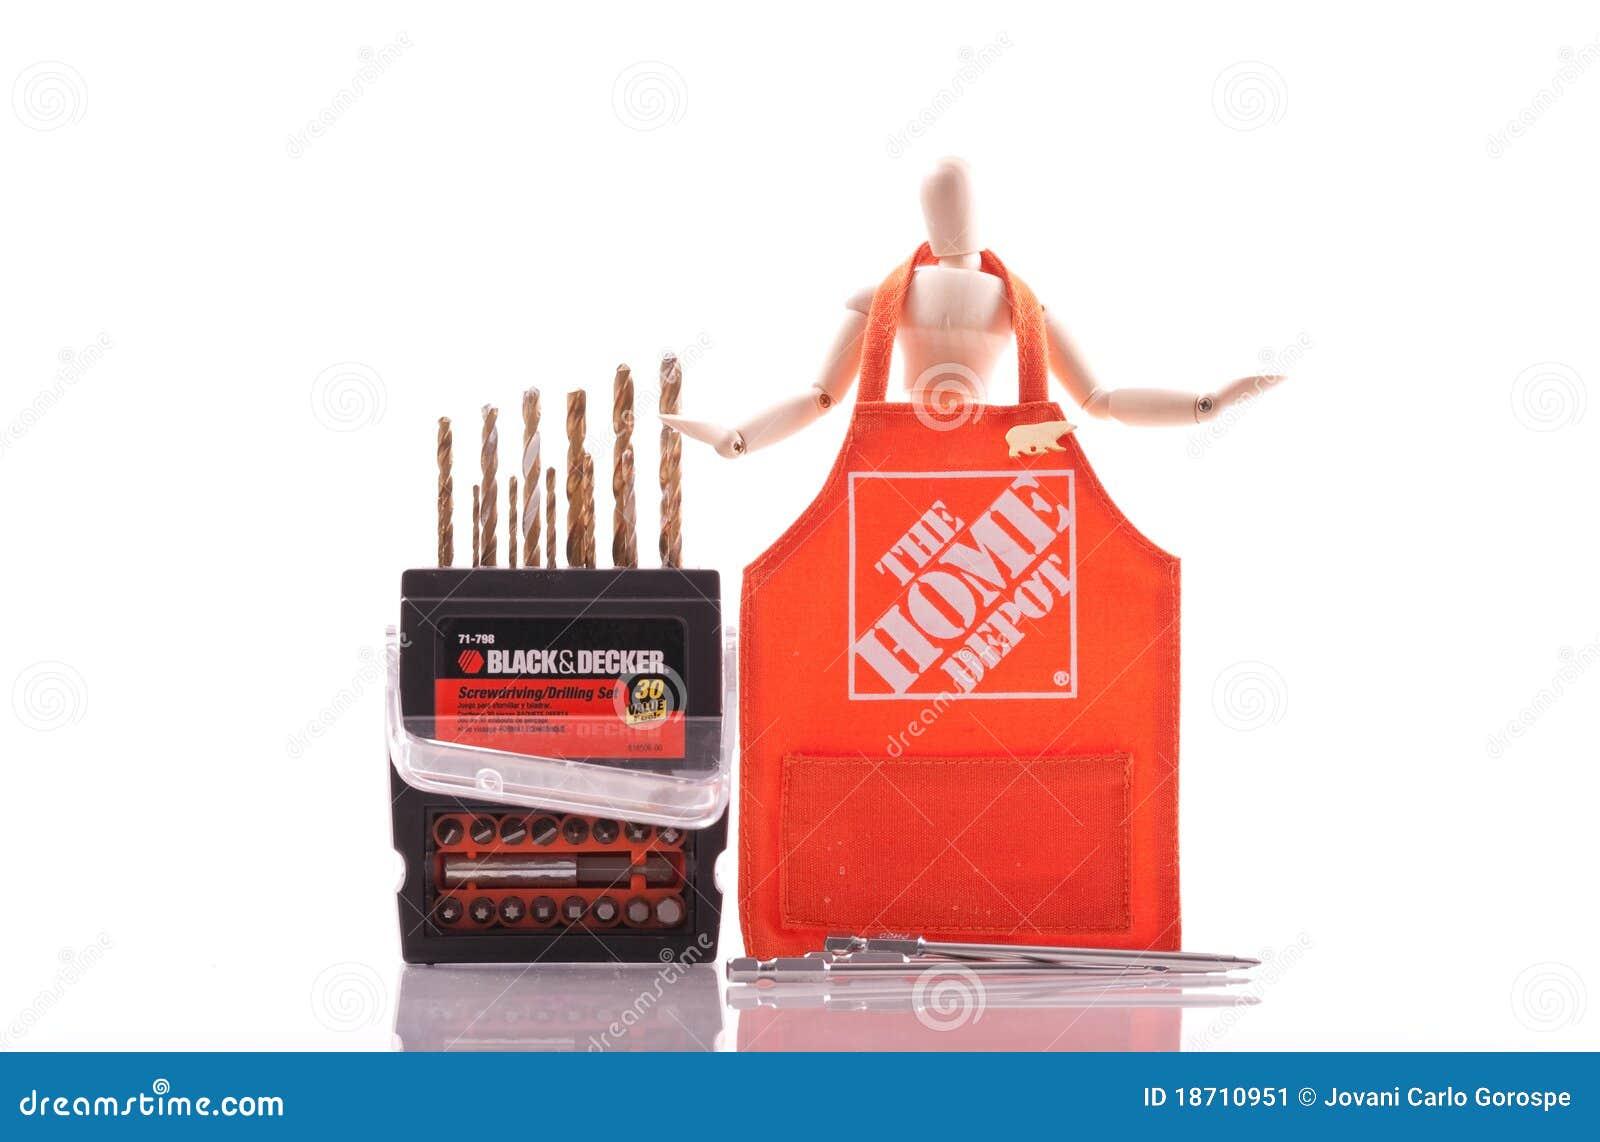 El home depot y el negro y el apilador foto editorial for Home depot herramientas